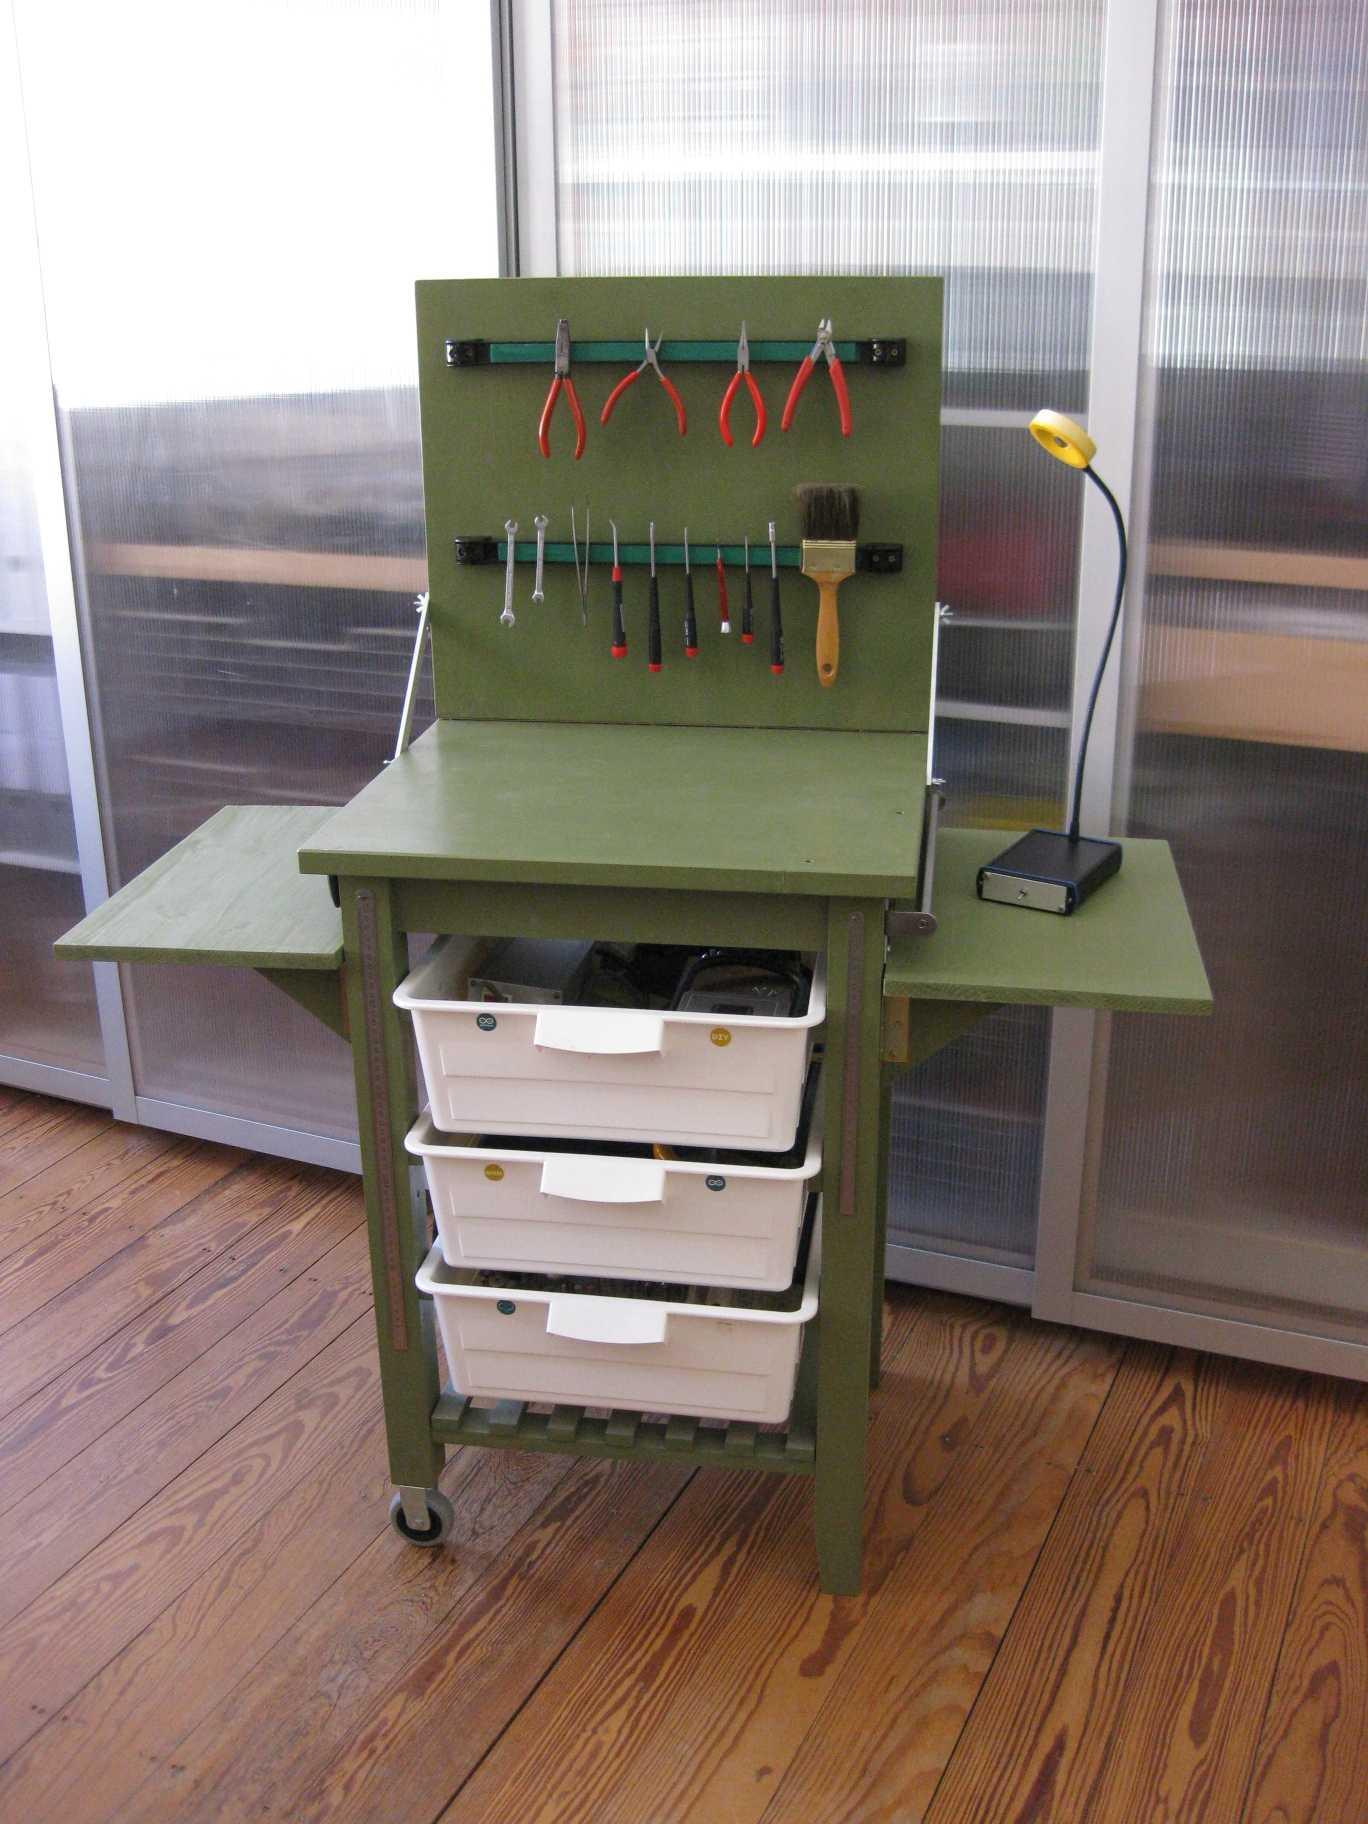 Full Size of Ikea Workbench Evolution Make Küche Kosten Kaufen Miniküche Modulküche Betten 160x200 Bei Sofa Mit Schlaffunktion Wohnzimmer Küchenwagen Ikea